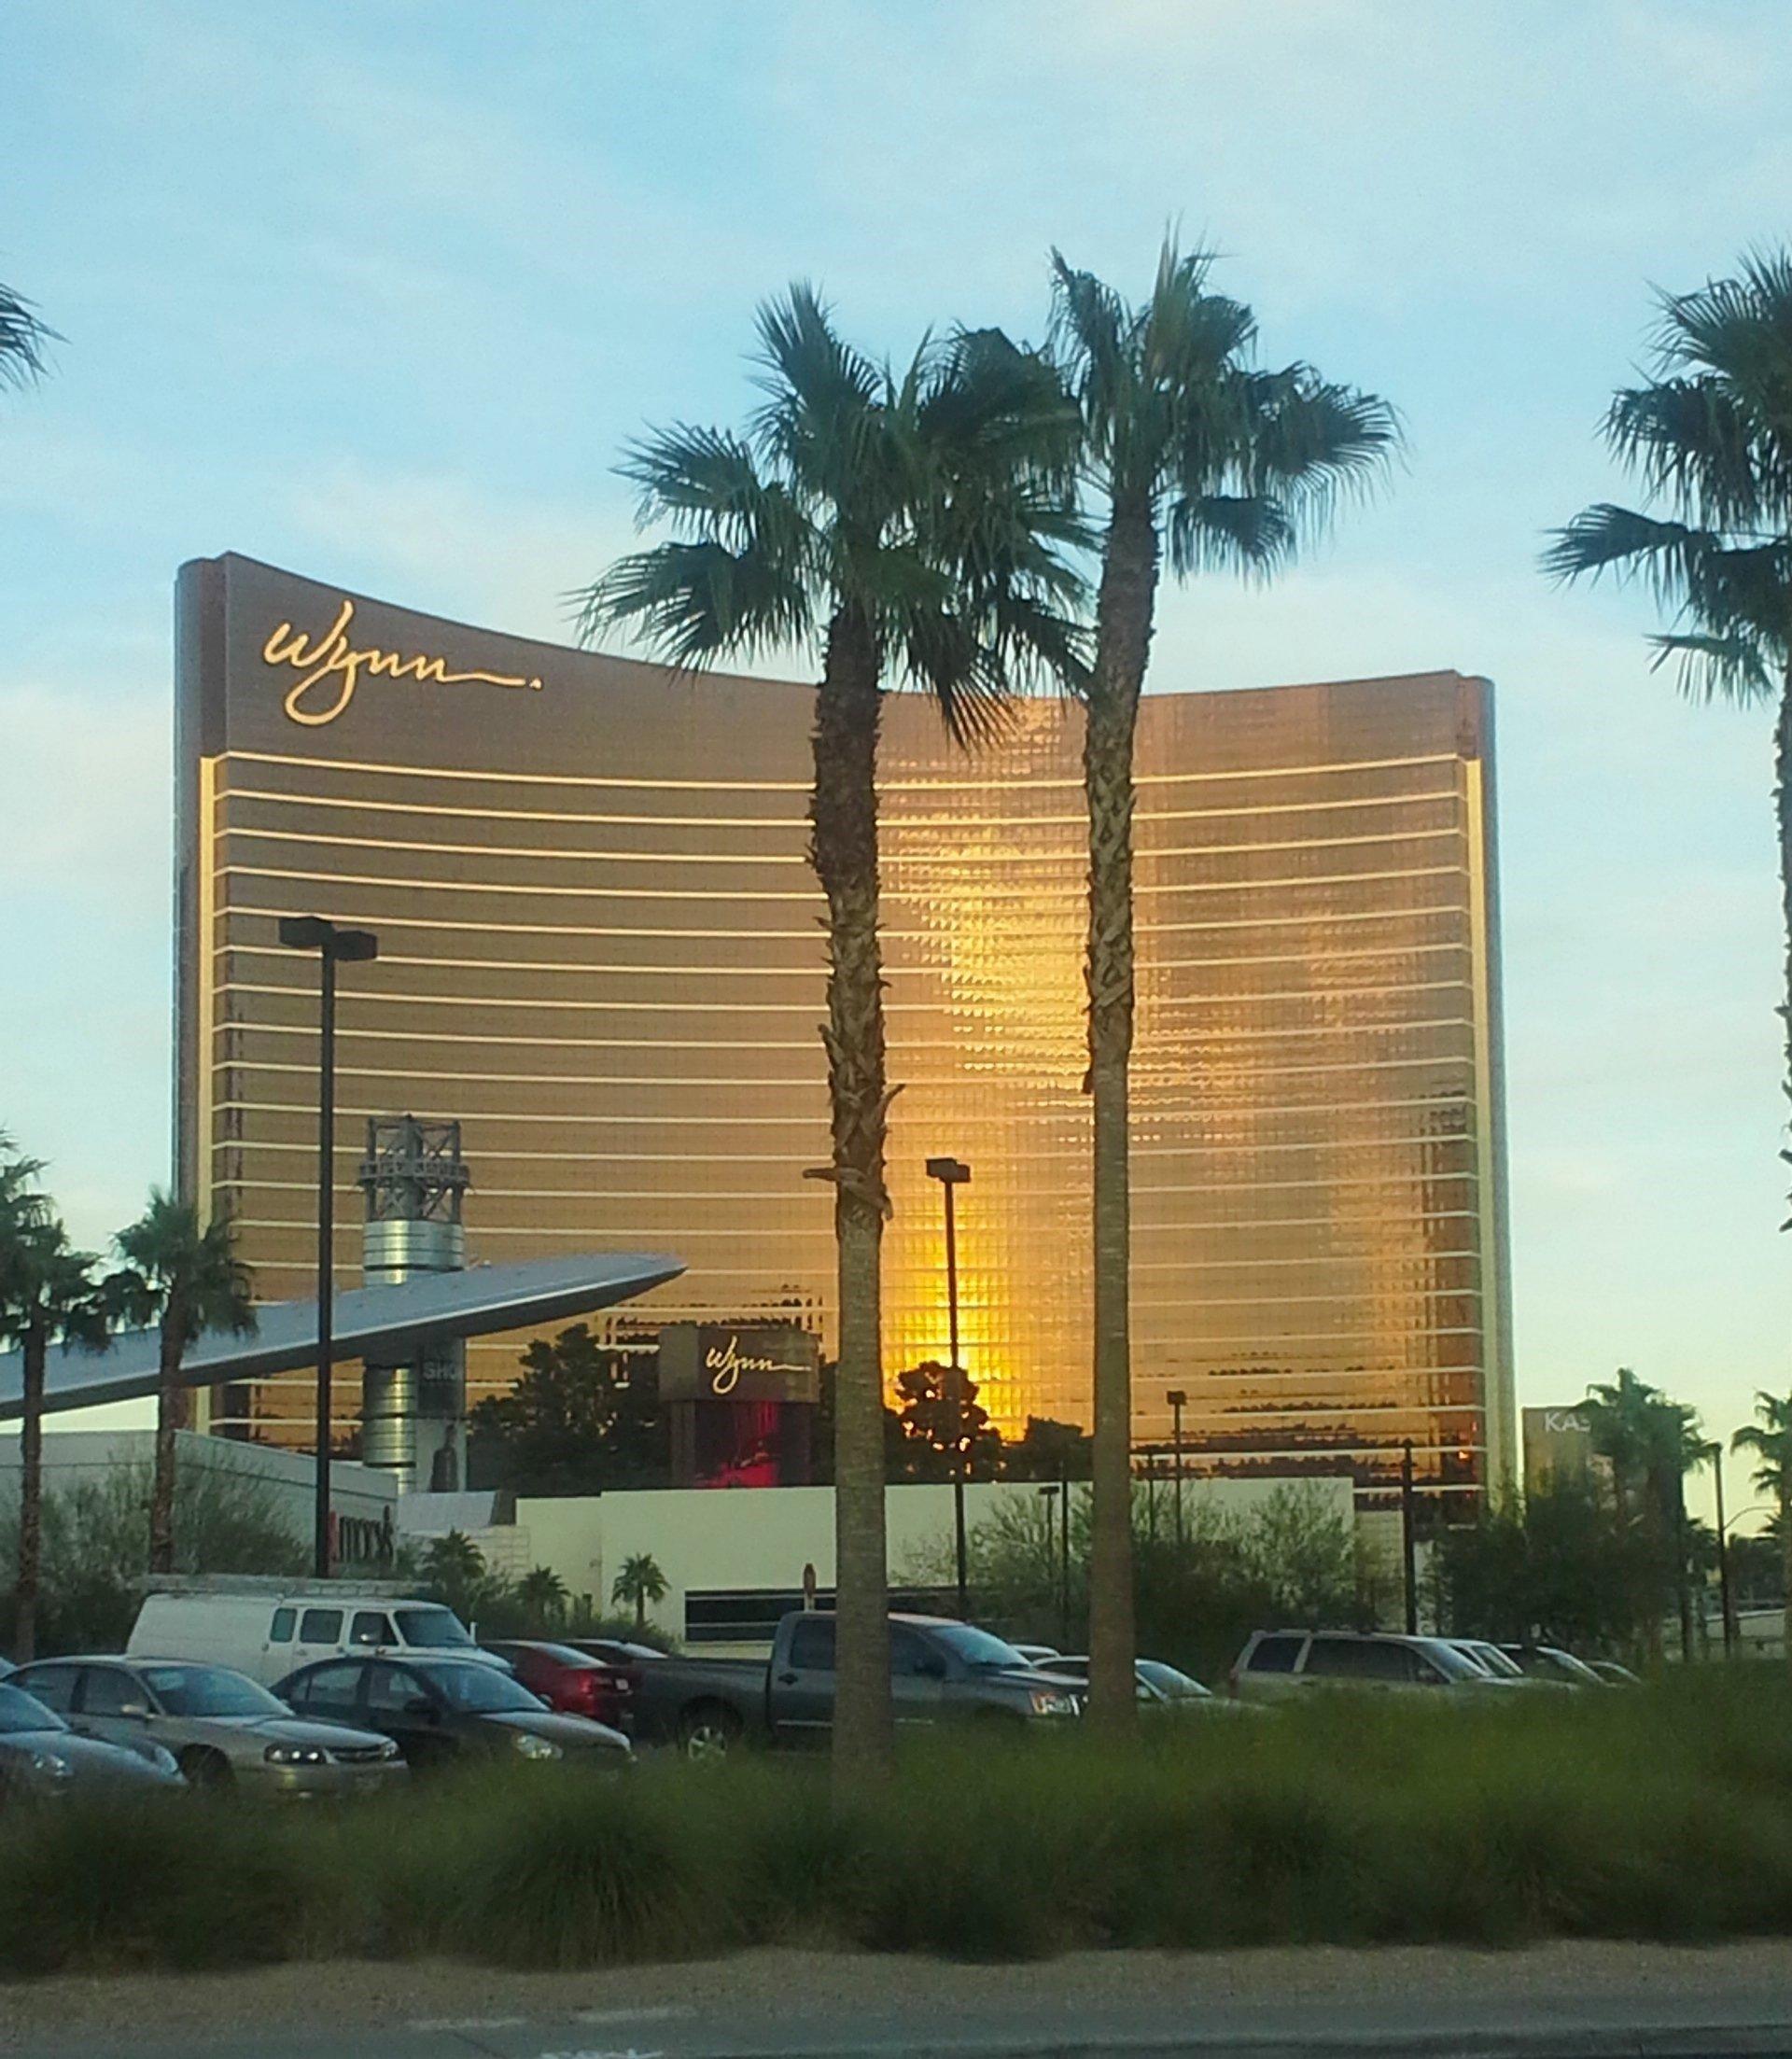 Steve wynn bethlehem pa casino gambling age in el paso